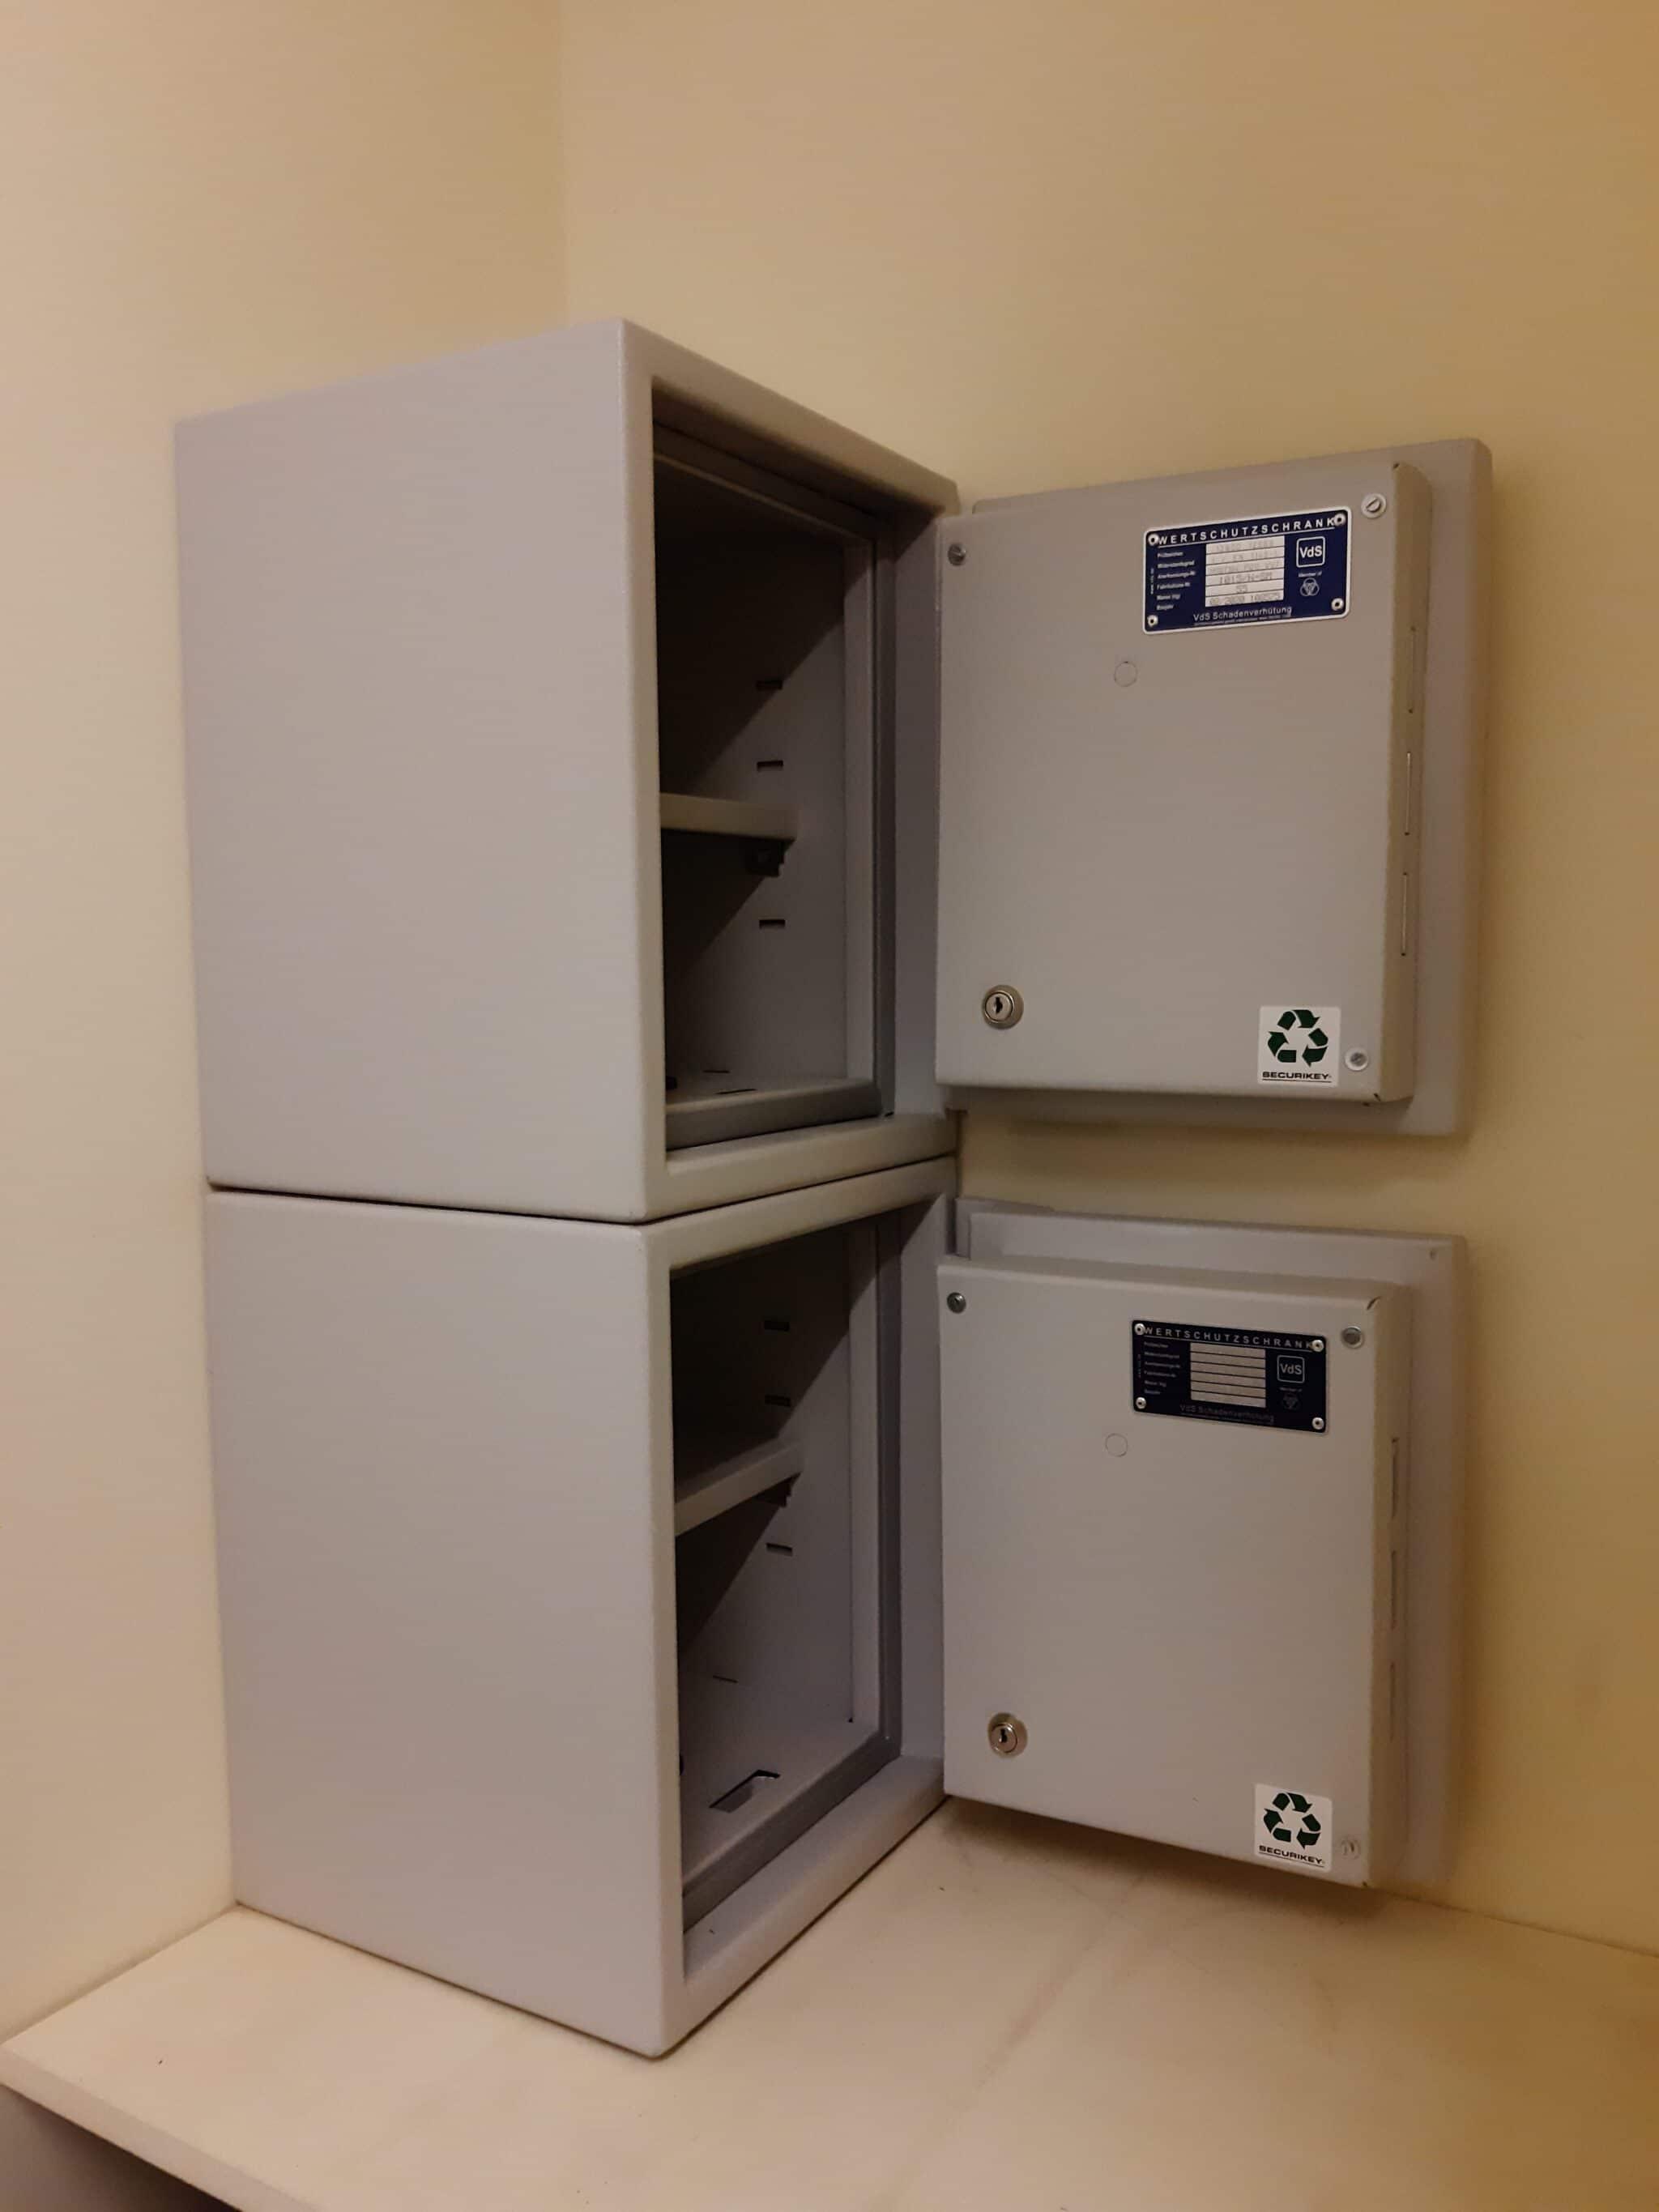 Sussex Eurograde 1 Size 1 Digital Safes